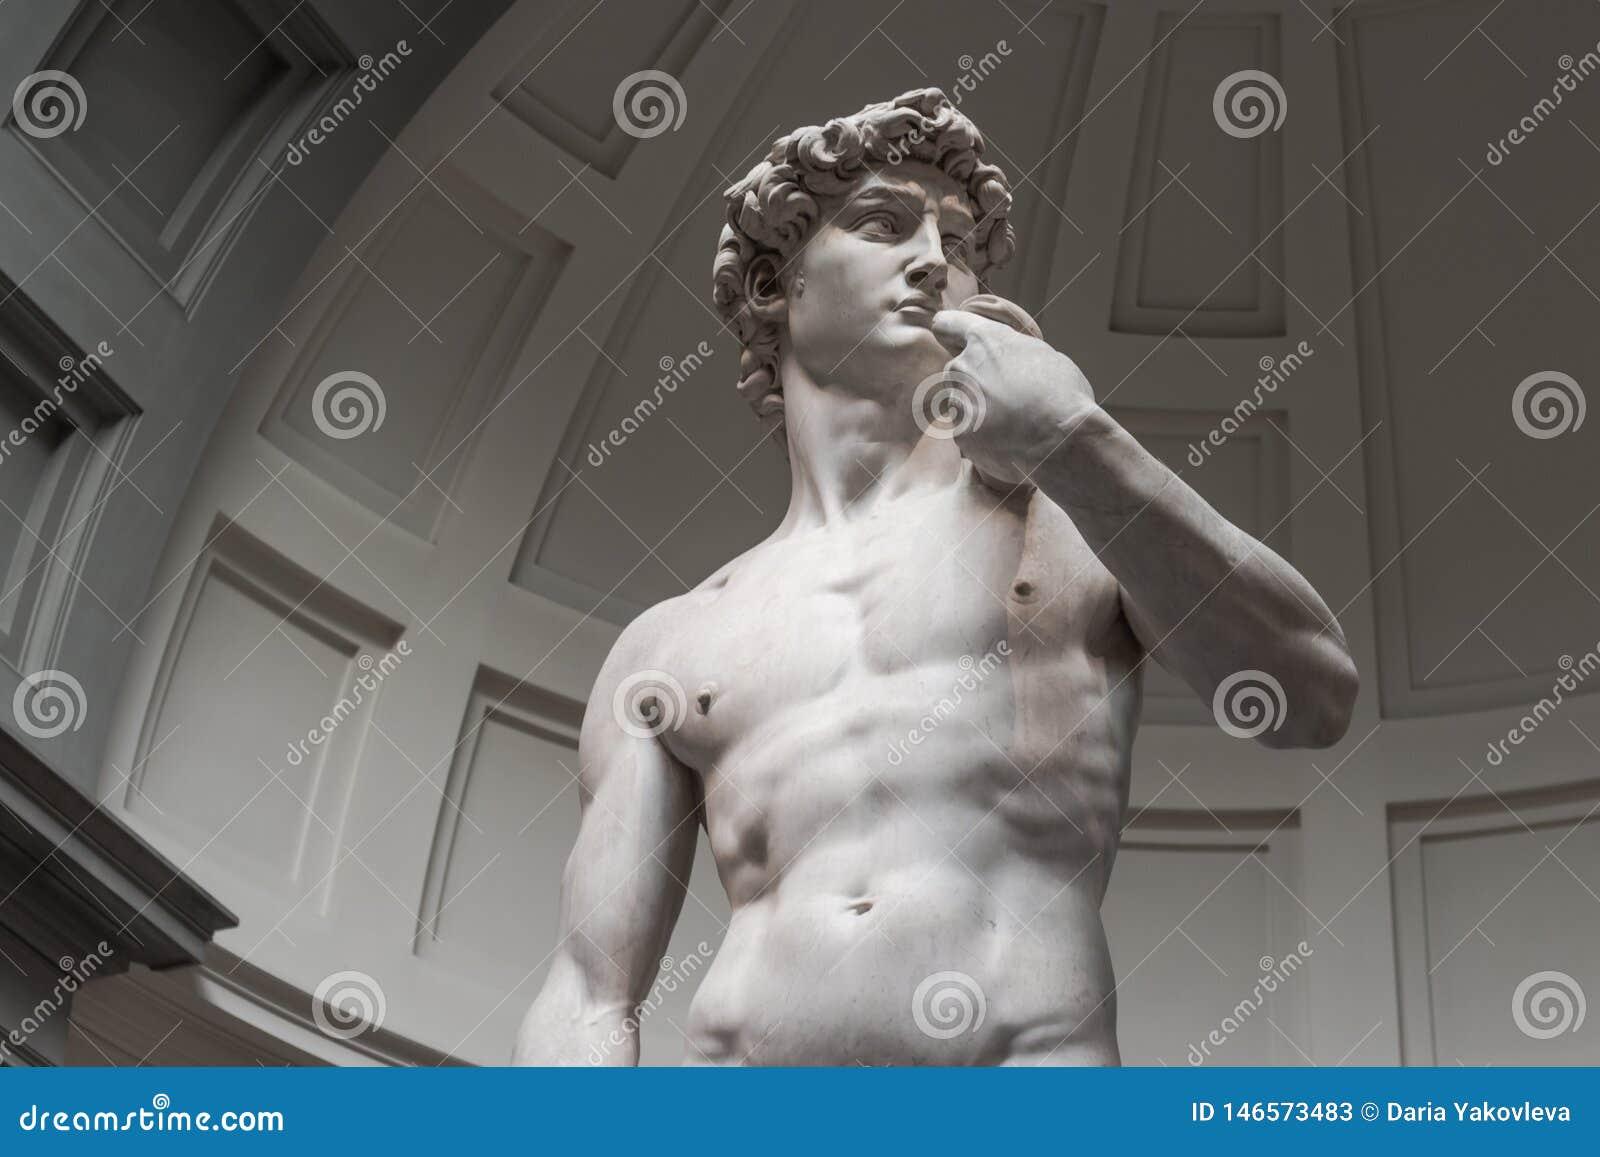 Το άγαλμα του Δαβίδ είναι μια κατώτατη άποψη χωρίς τουρίστες